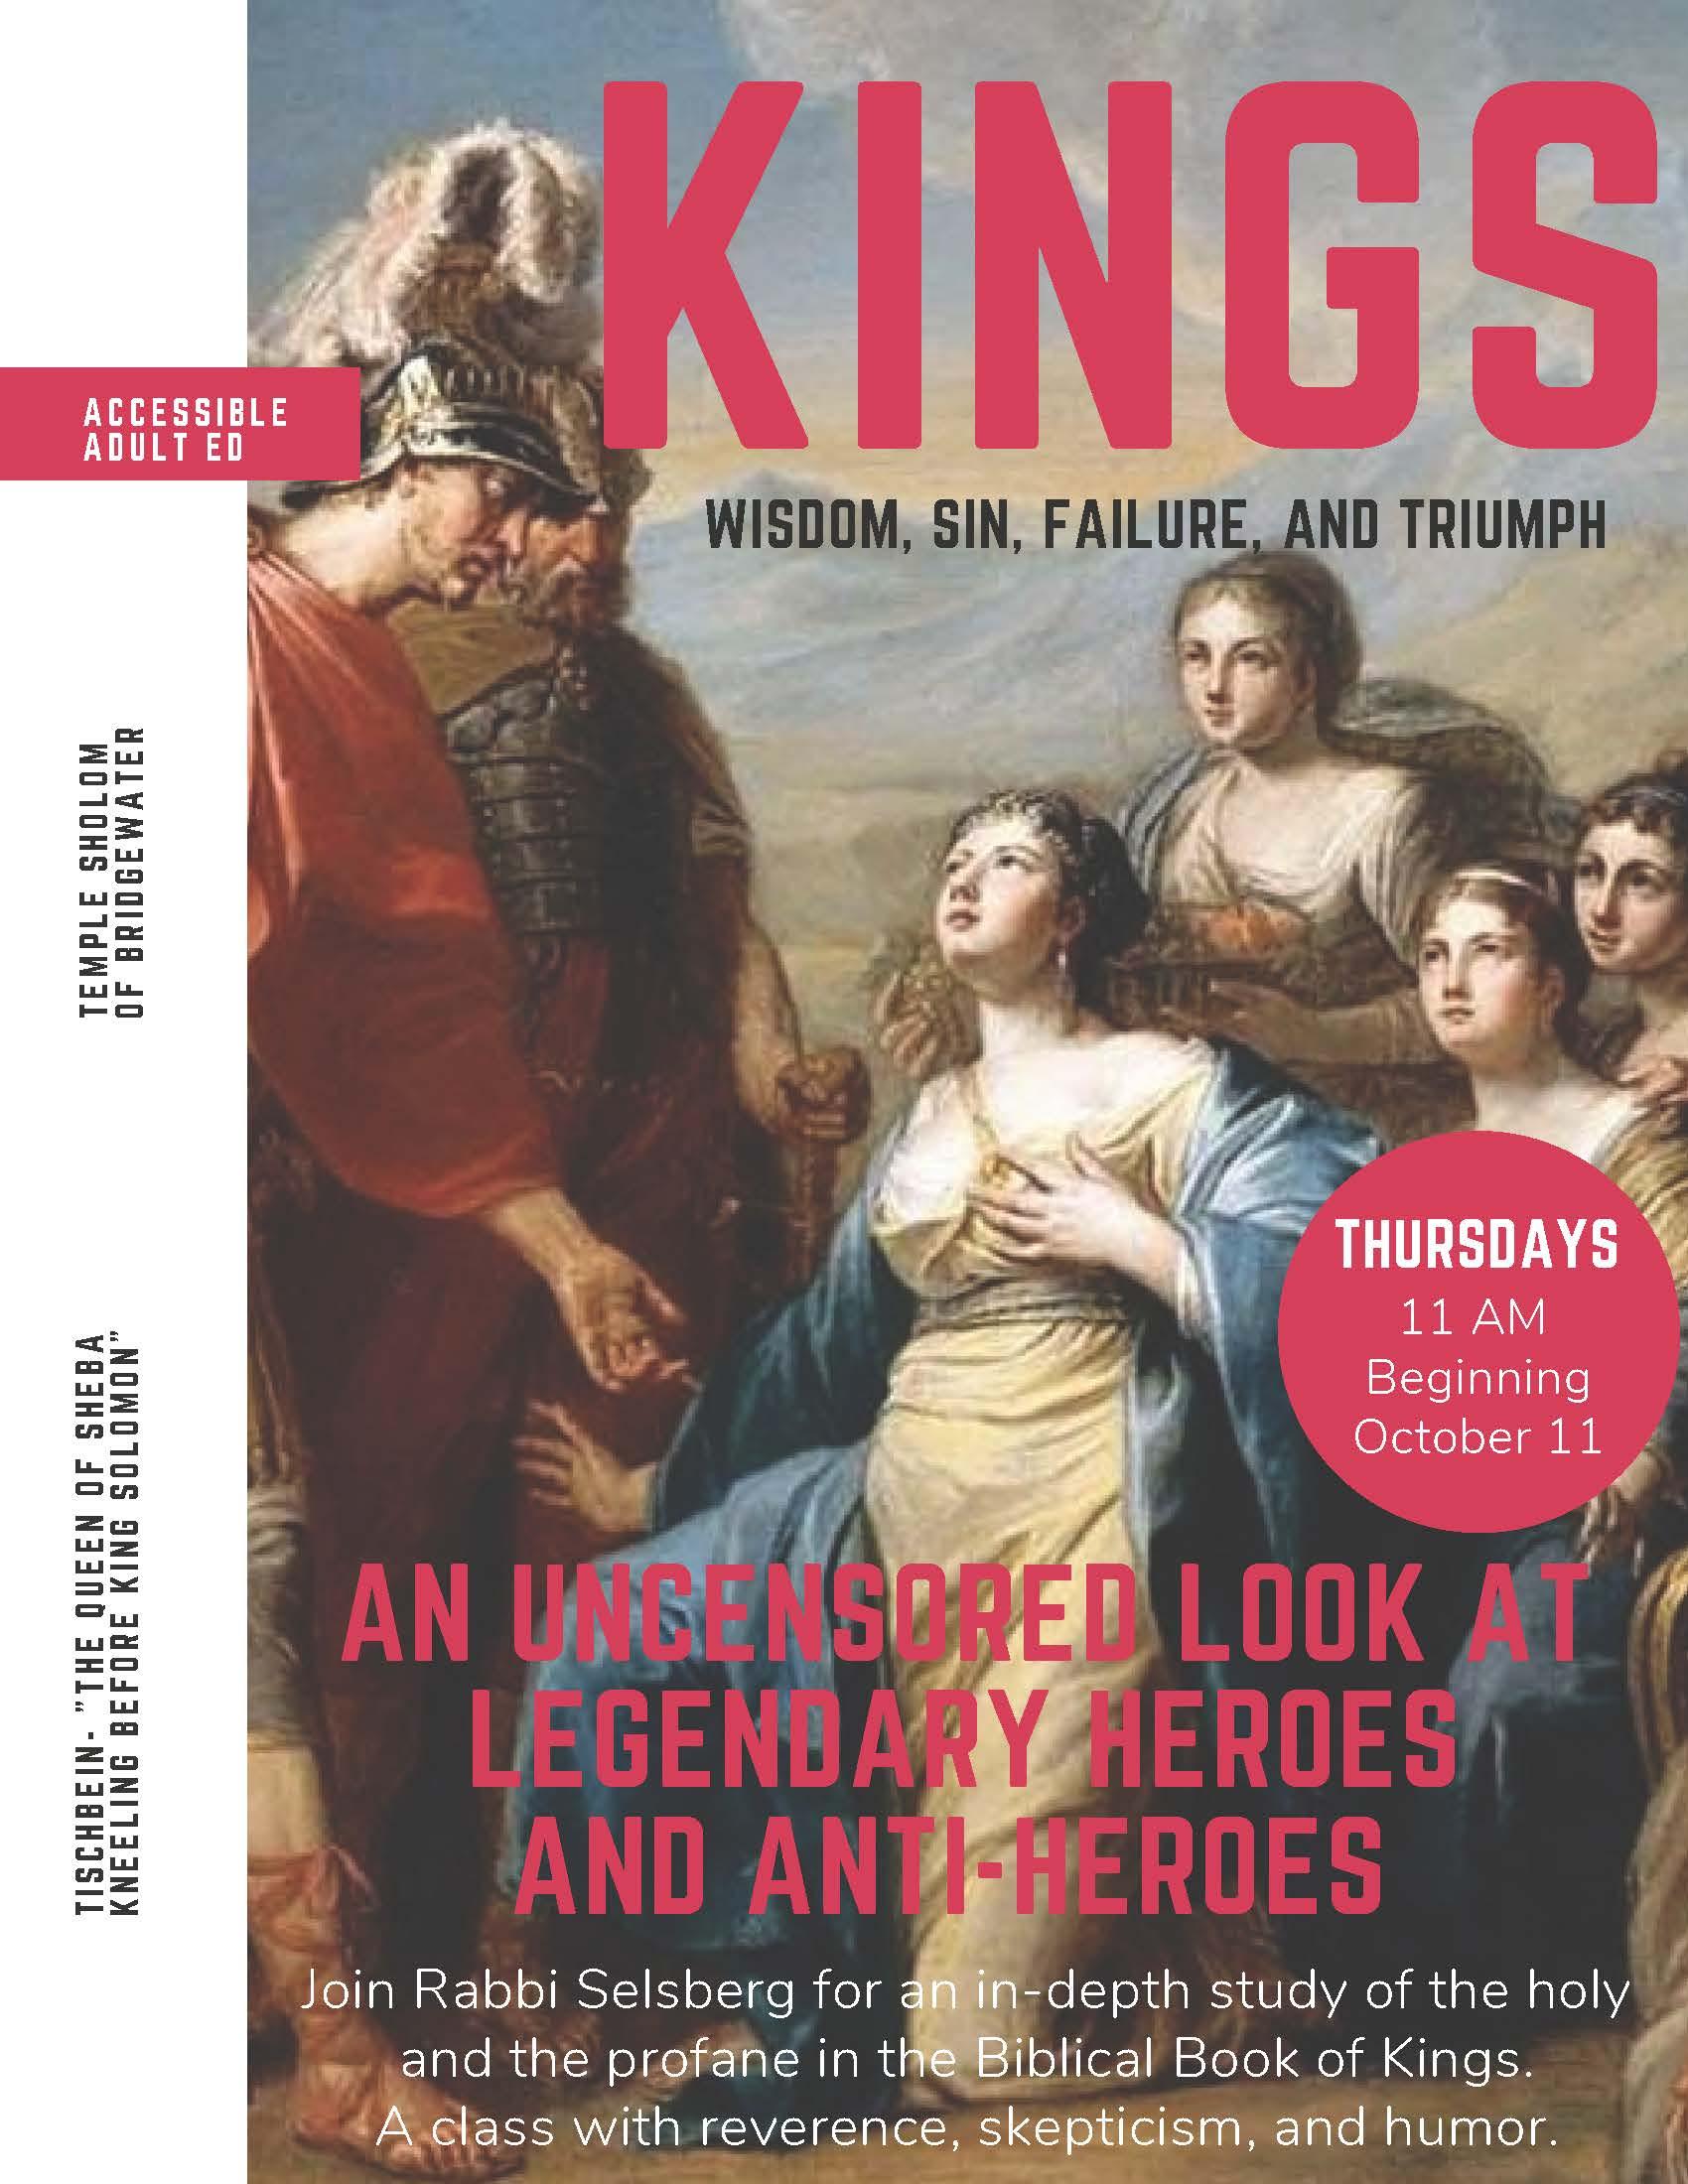 Kings Flyer 2018.jpg